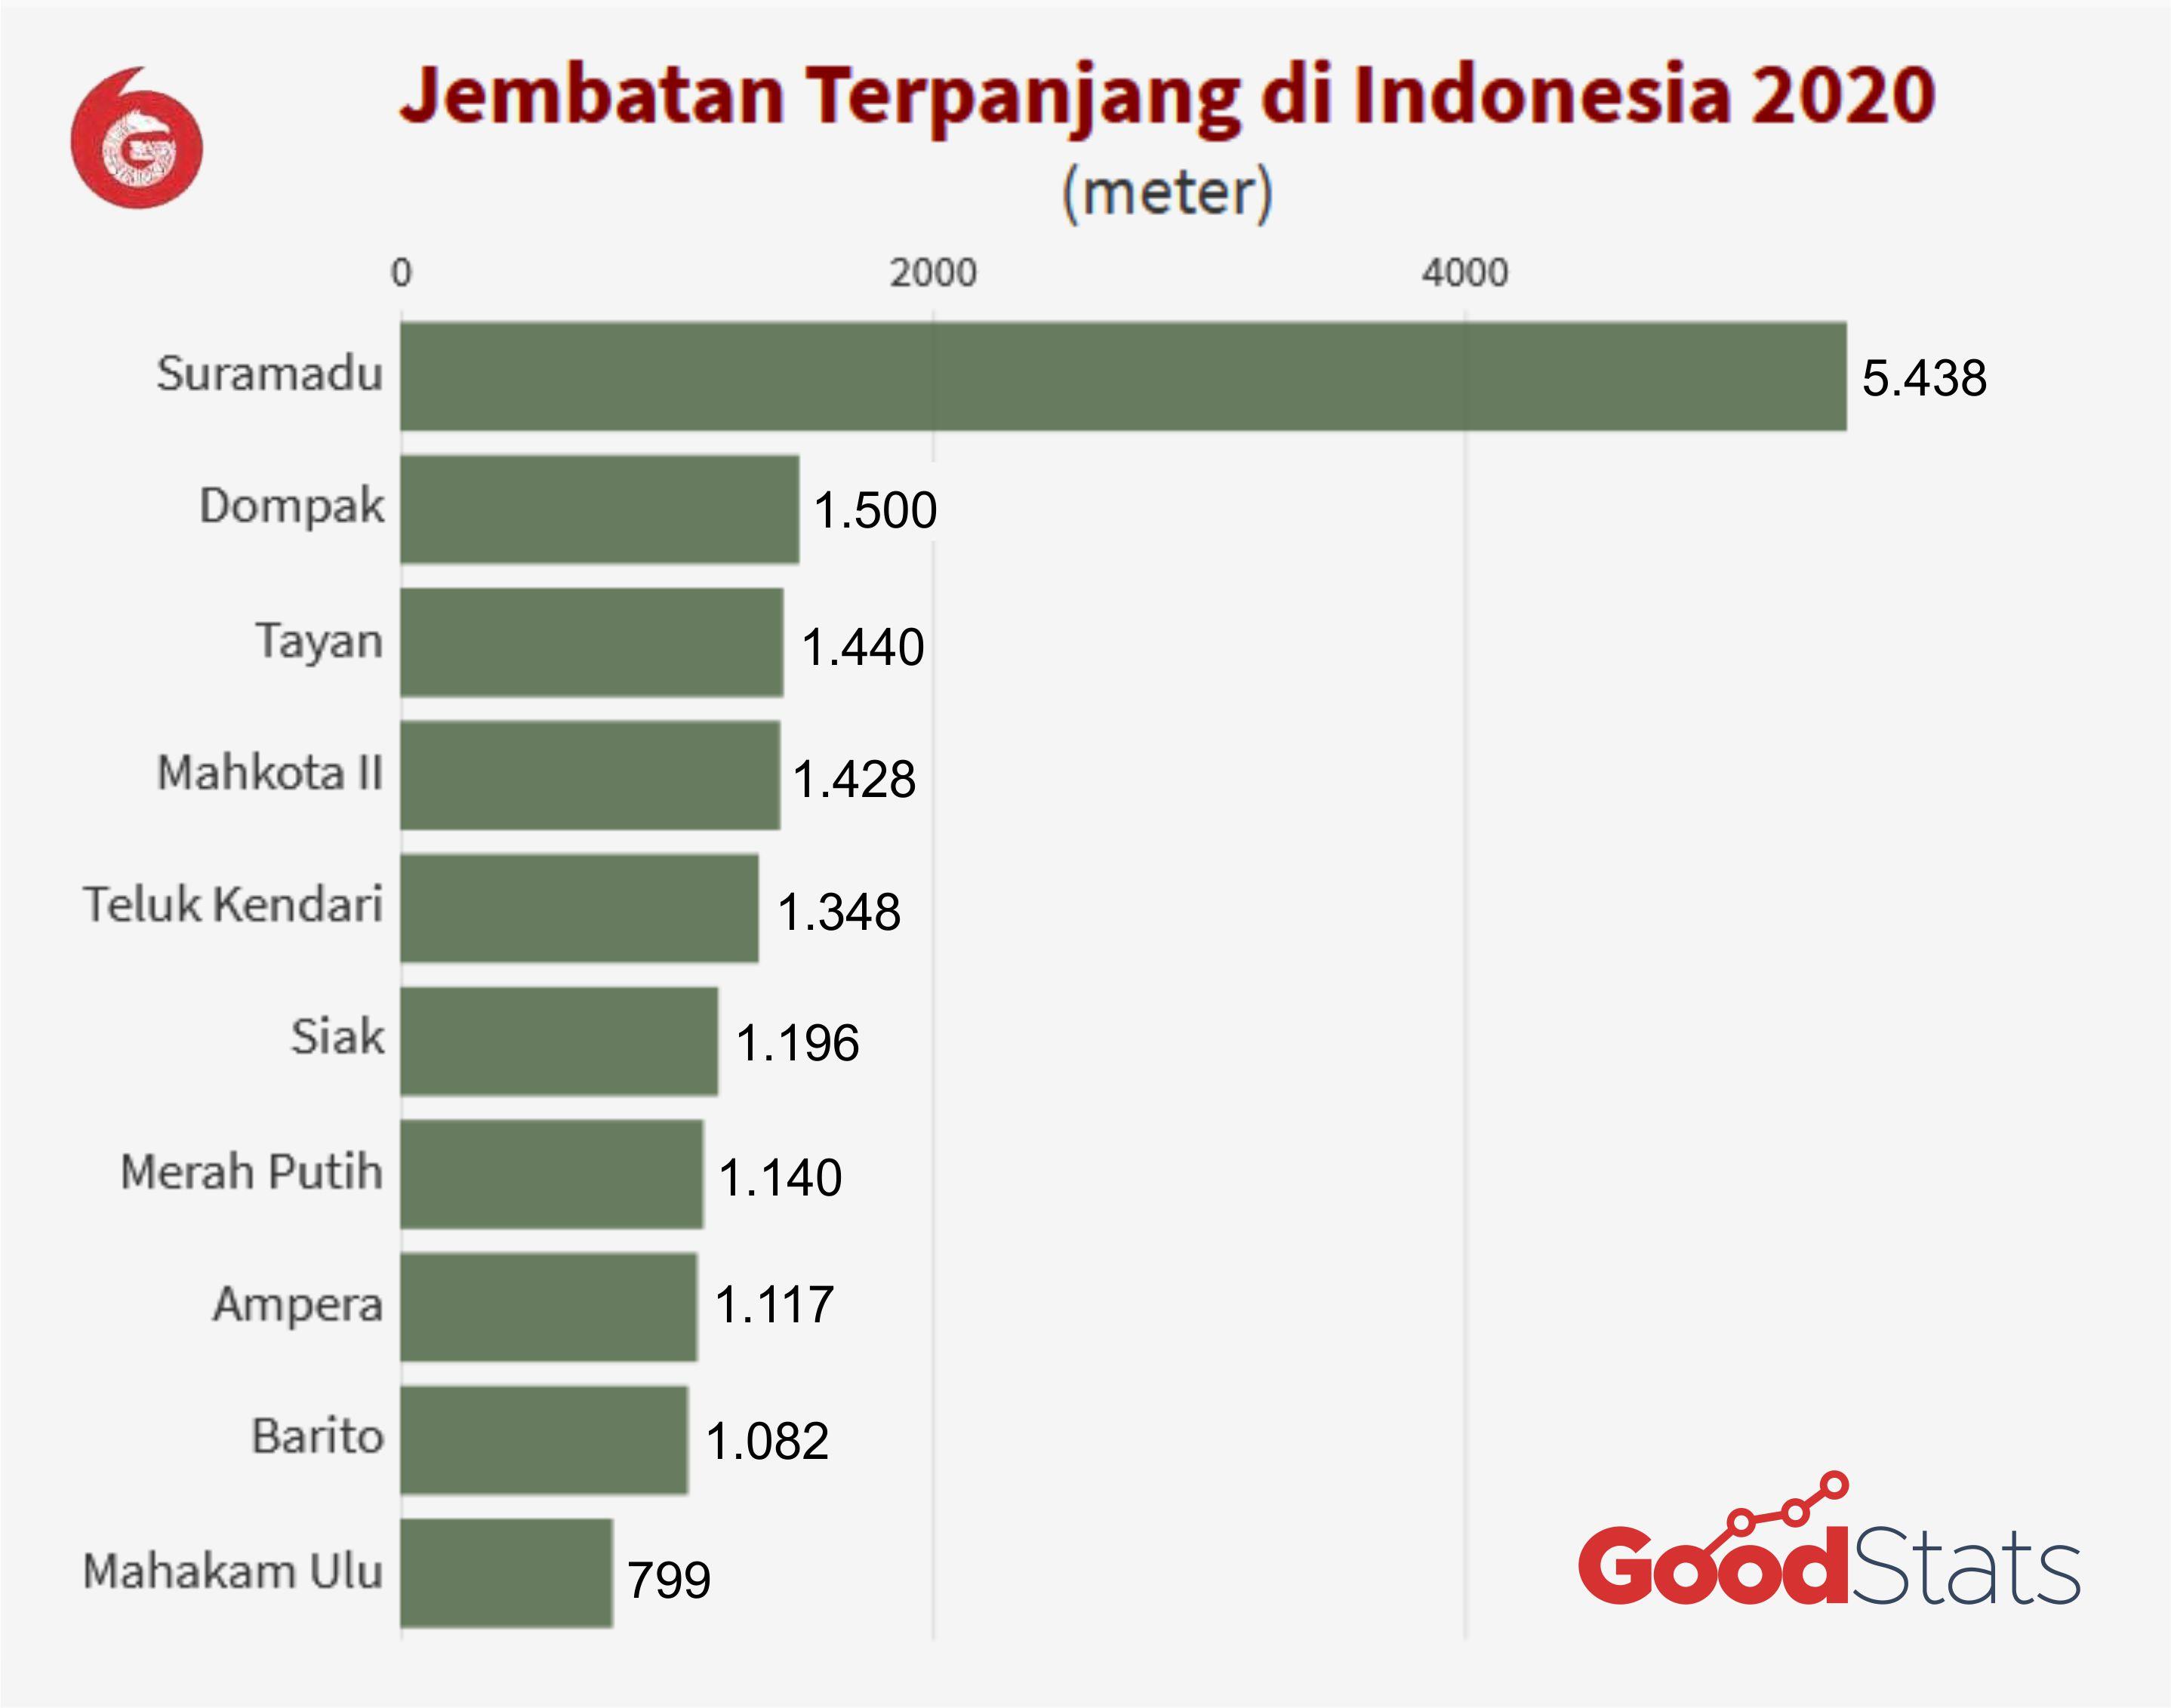 10 jembatan terpanjang di Indonesia 2020